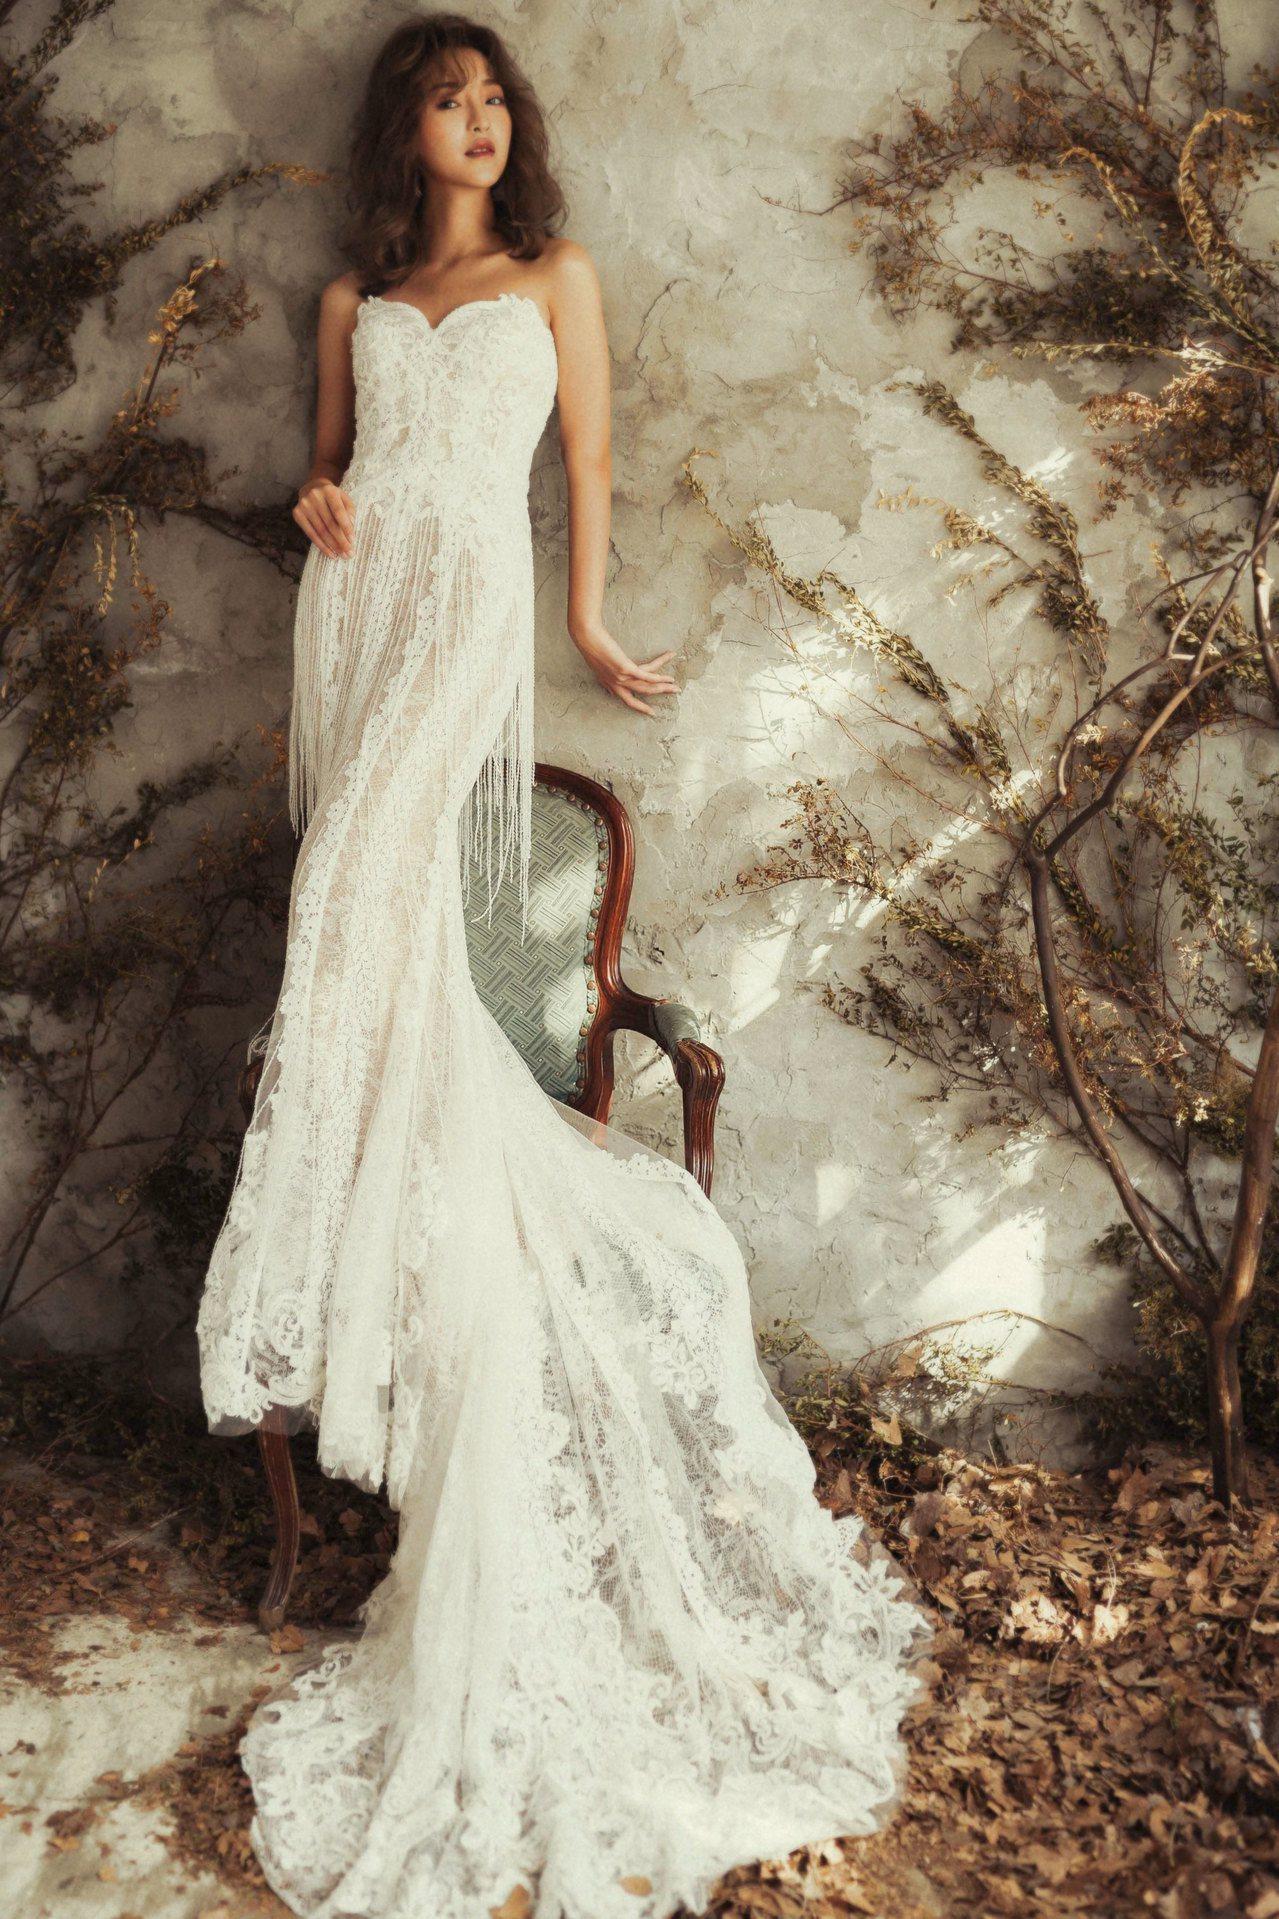 GINGER CHEN WEDDING以期間限定方案聯名知名婚攝 「綠攝影像 」...